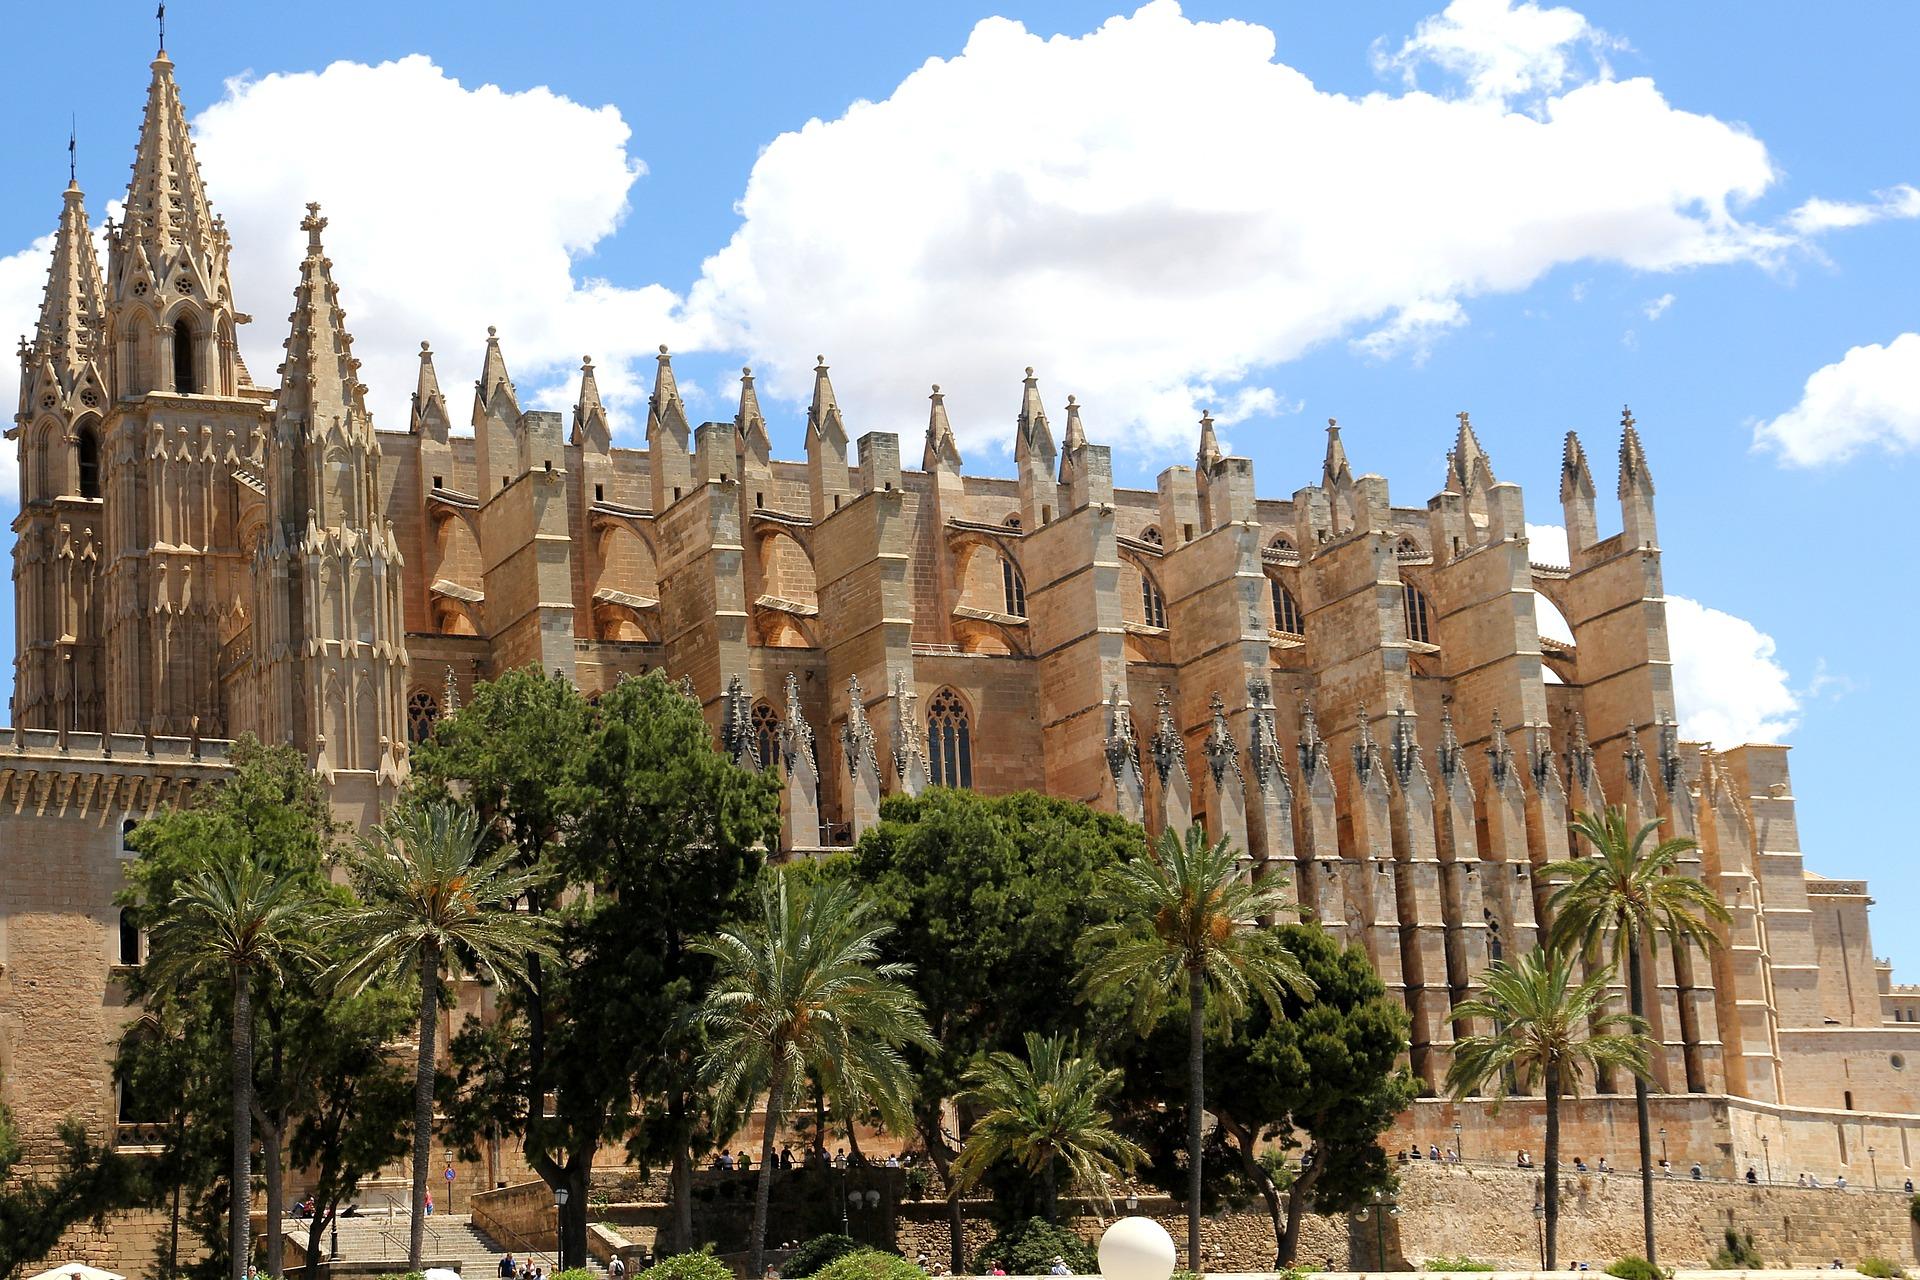 Mallorca Reisen, Mallorca Reisen, City-News.de, City-News.de